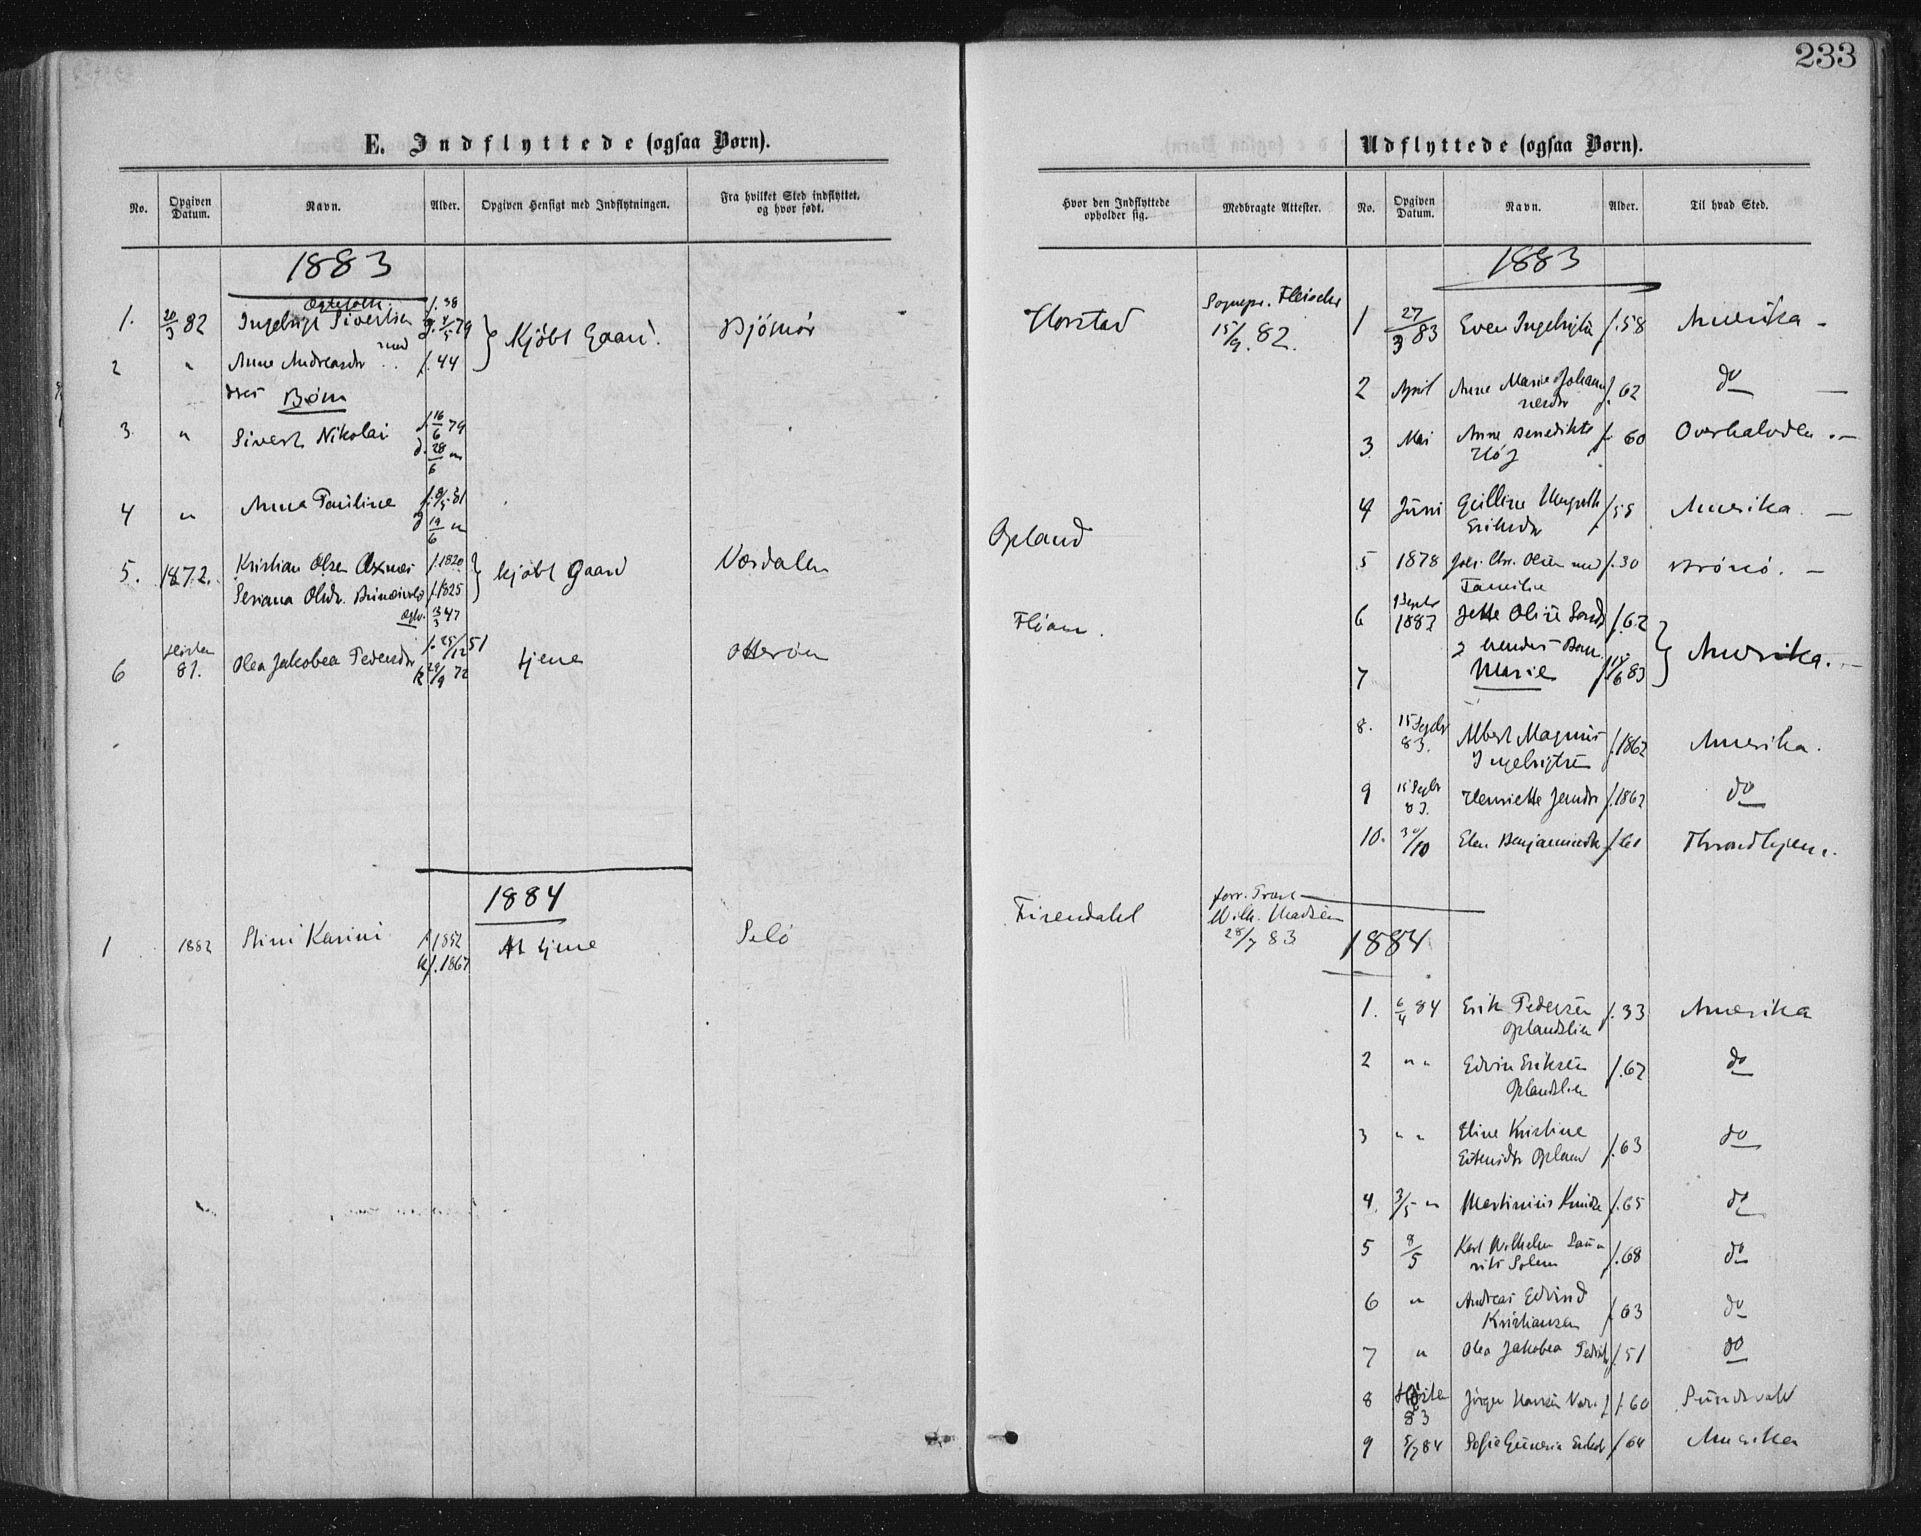 SAT, Ministerialprotokoller, klokkerbøker og fødselsregistre - Nord-Trøndelag, 771/L0596: Ministerialbok nr. 771A03, 1870-1884, s. 233